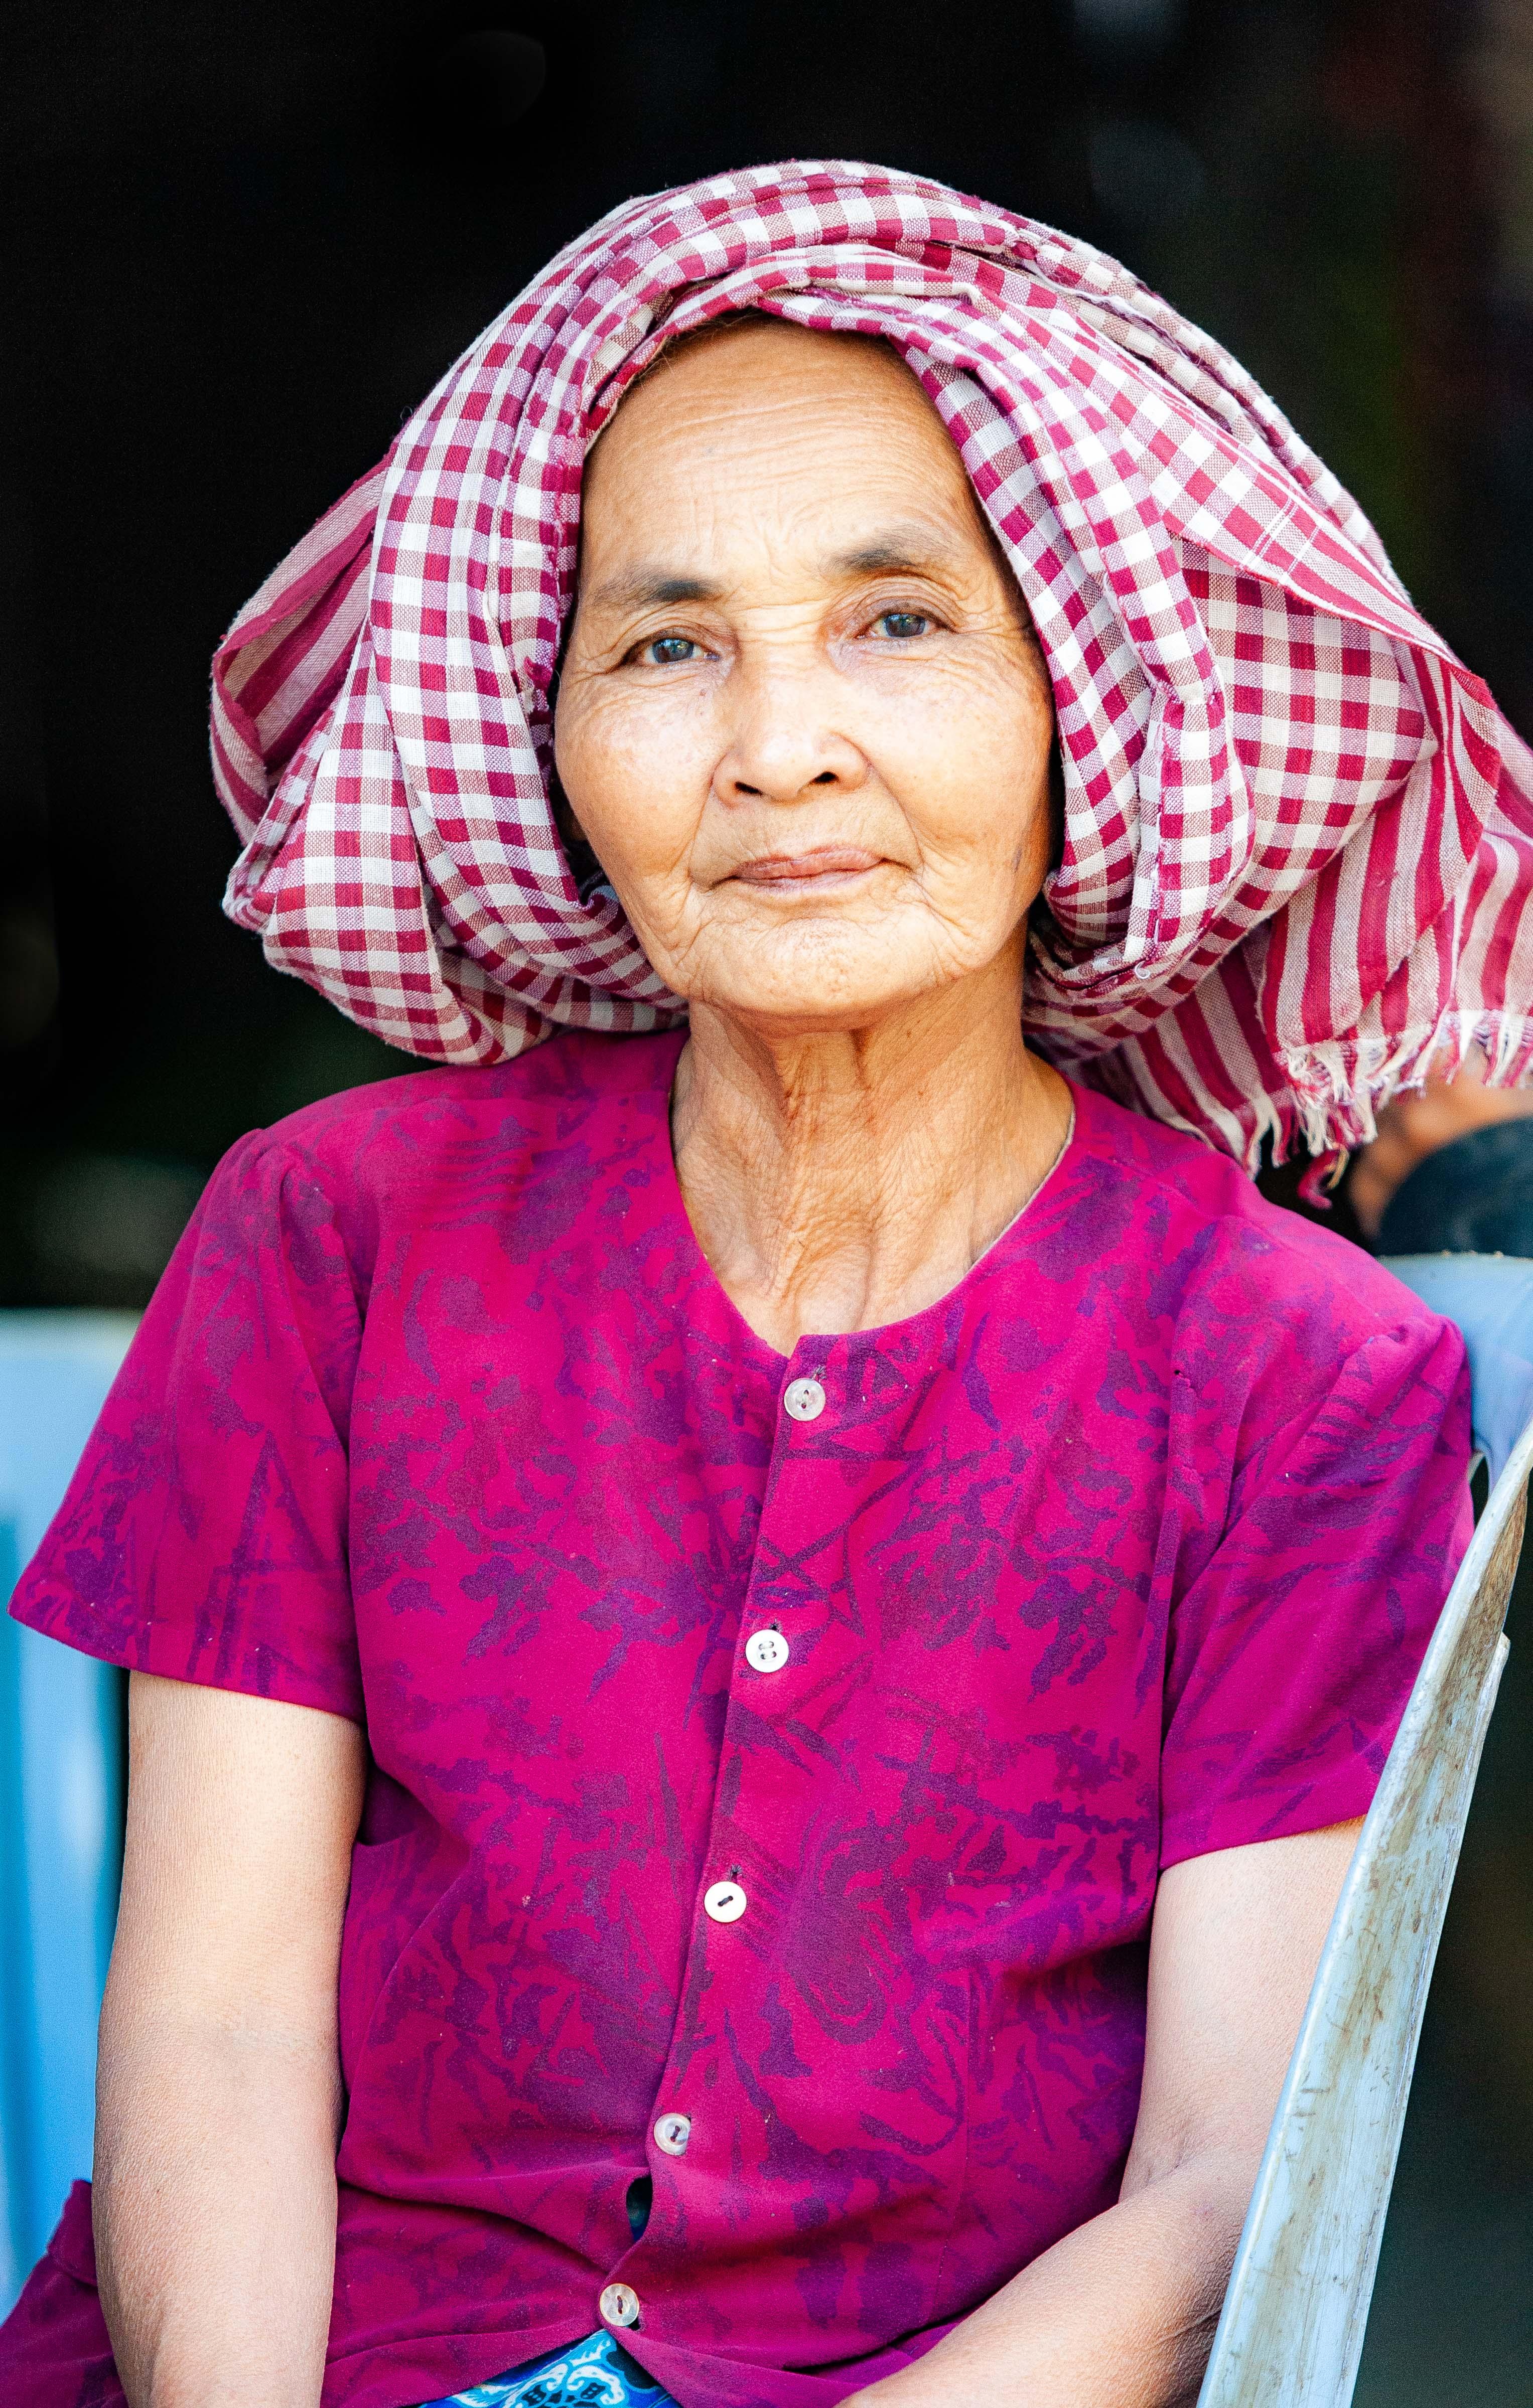 Cambodia, Krong Preah Sihanouk Prov, Village Woman, 2010, IMG 4992